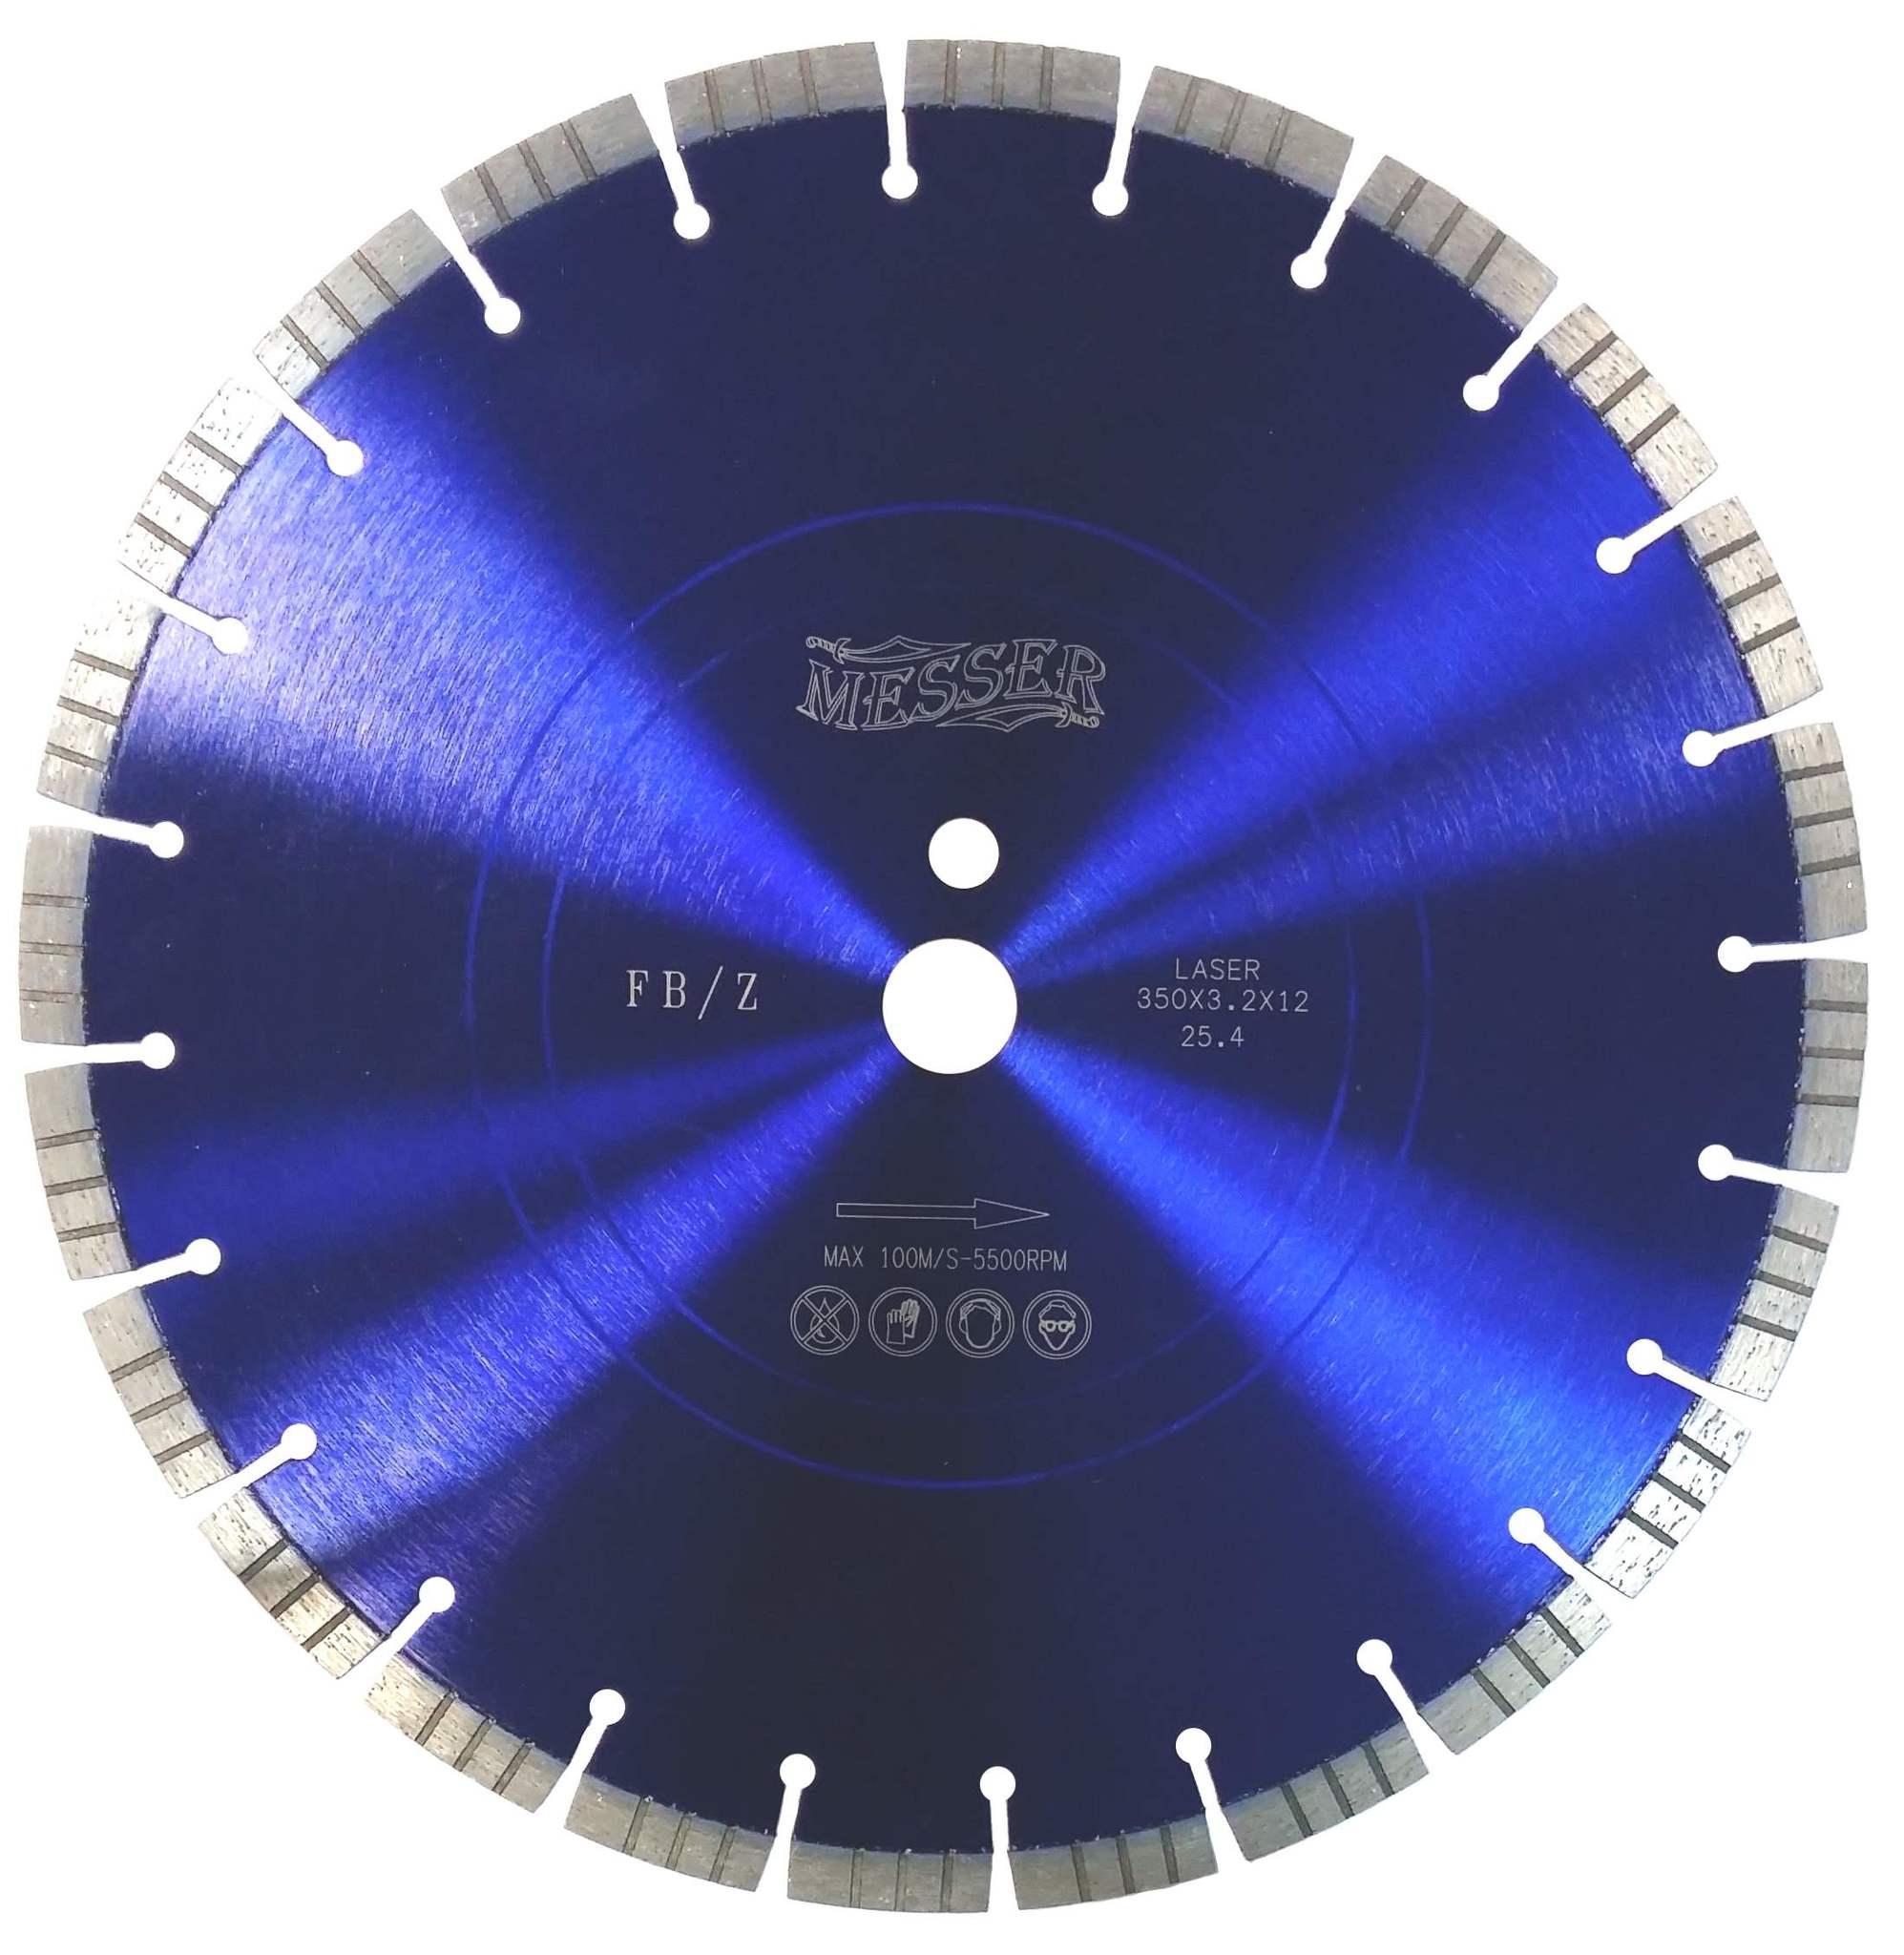 Диск алмазный турбосегментный MESSER FB/Z по железобетону, с возможностью сухой резки  350D-3.2T-12W-24S-25.4